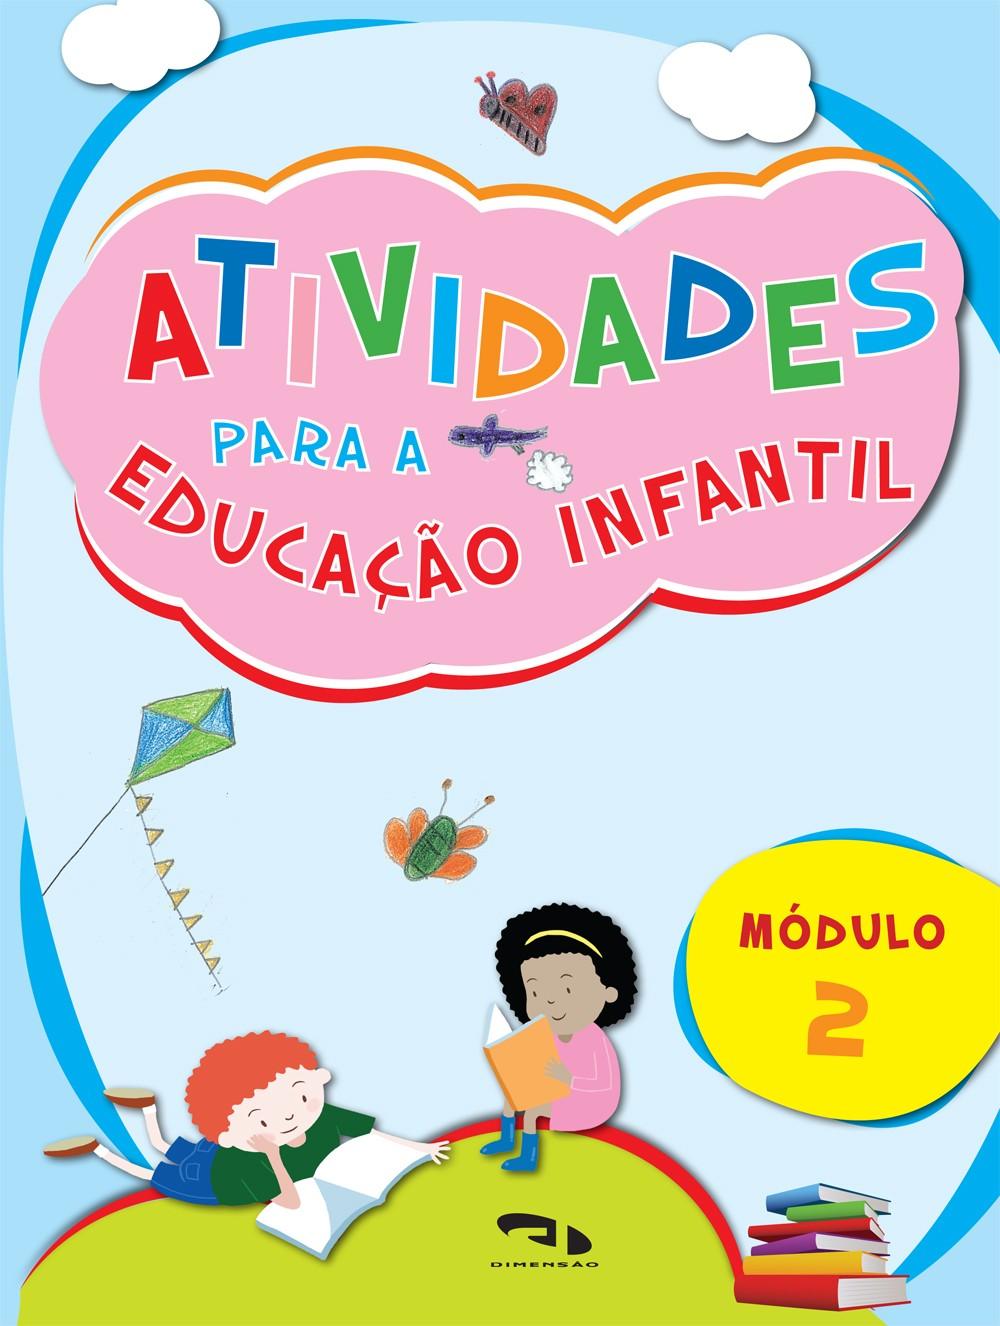 Foto 1 - Atividades para Educação Infantil - Módulo 2